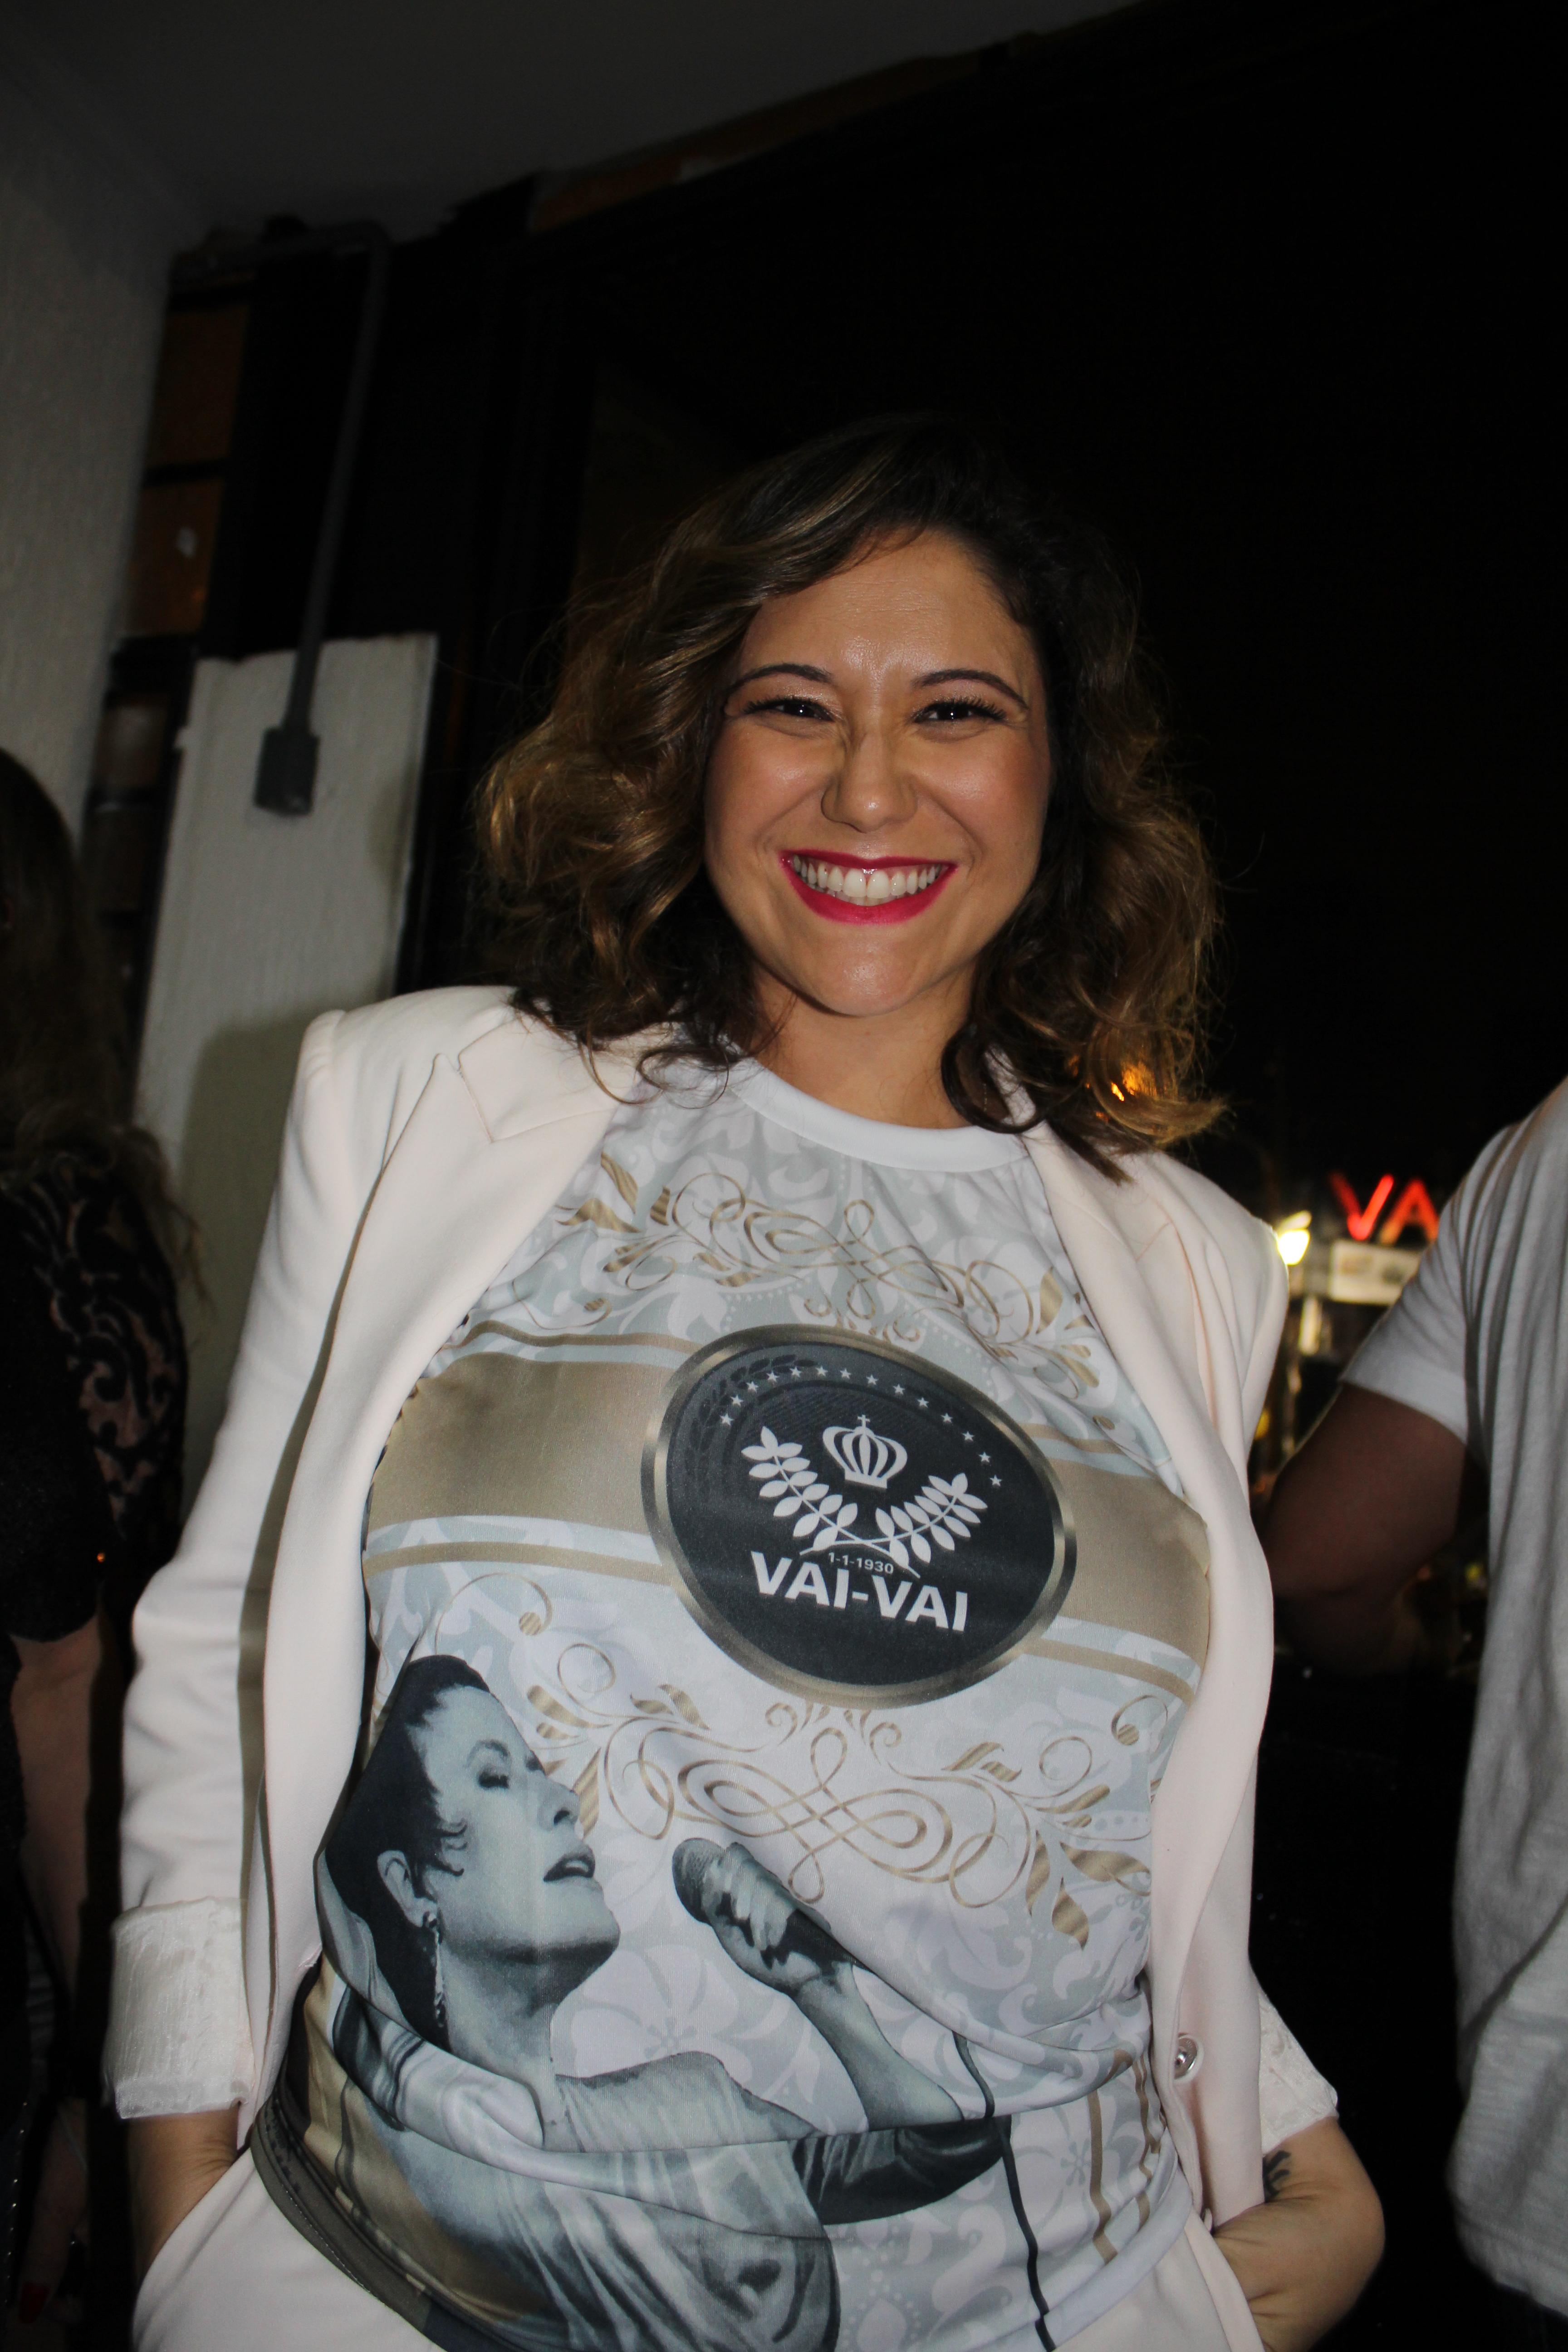 Maria Rita, filha de Elis Regina, participa de ensaio técnico da Vai-Vai neste sábado (24) (Foto: Divulgação)